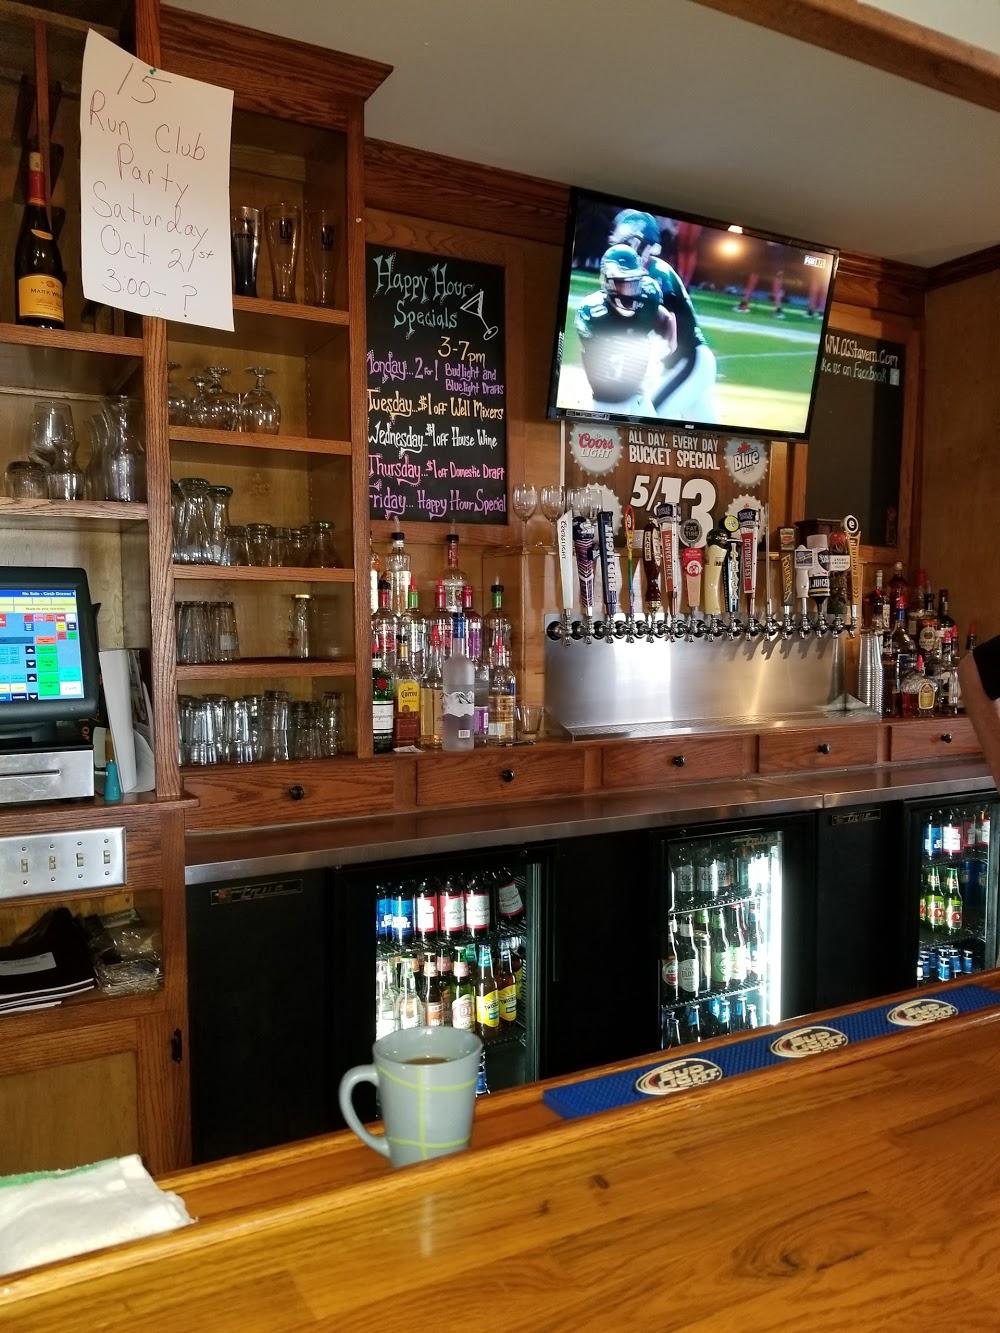 CCs Tavern